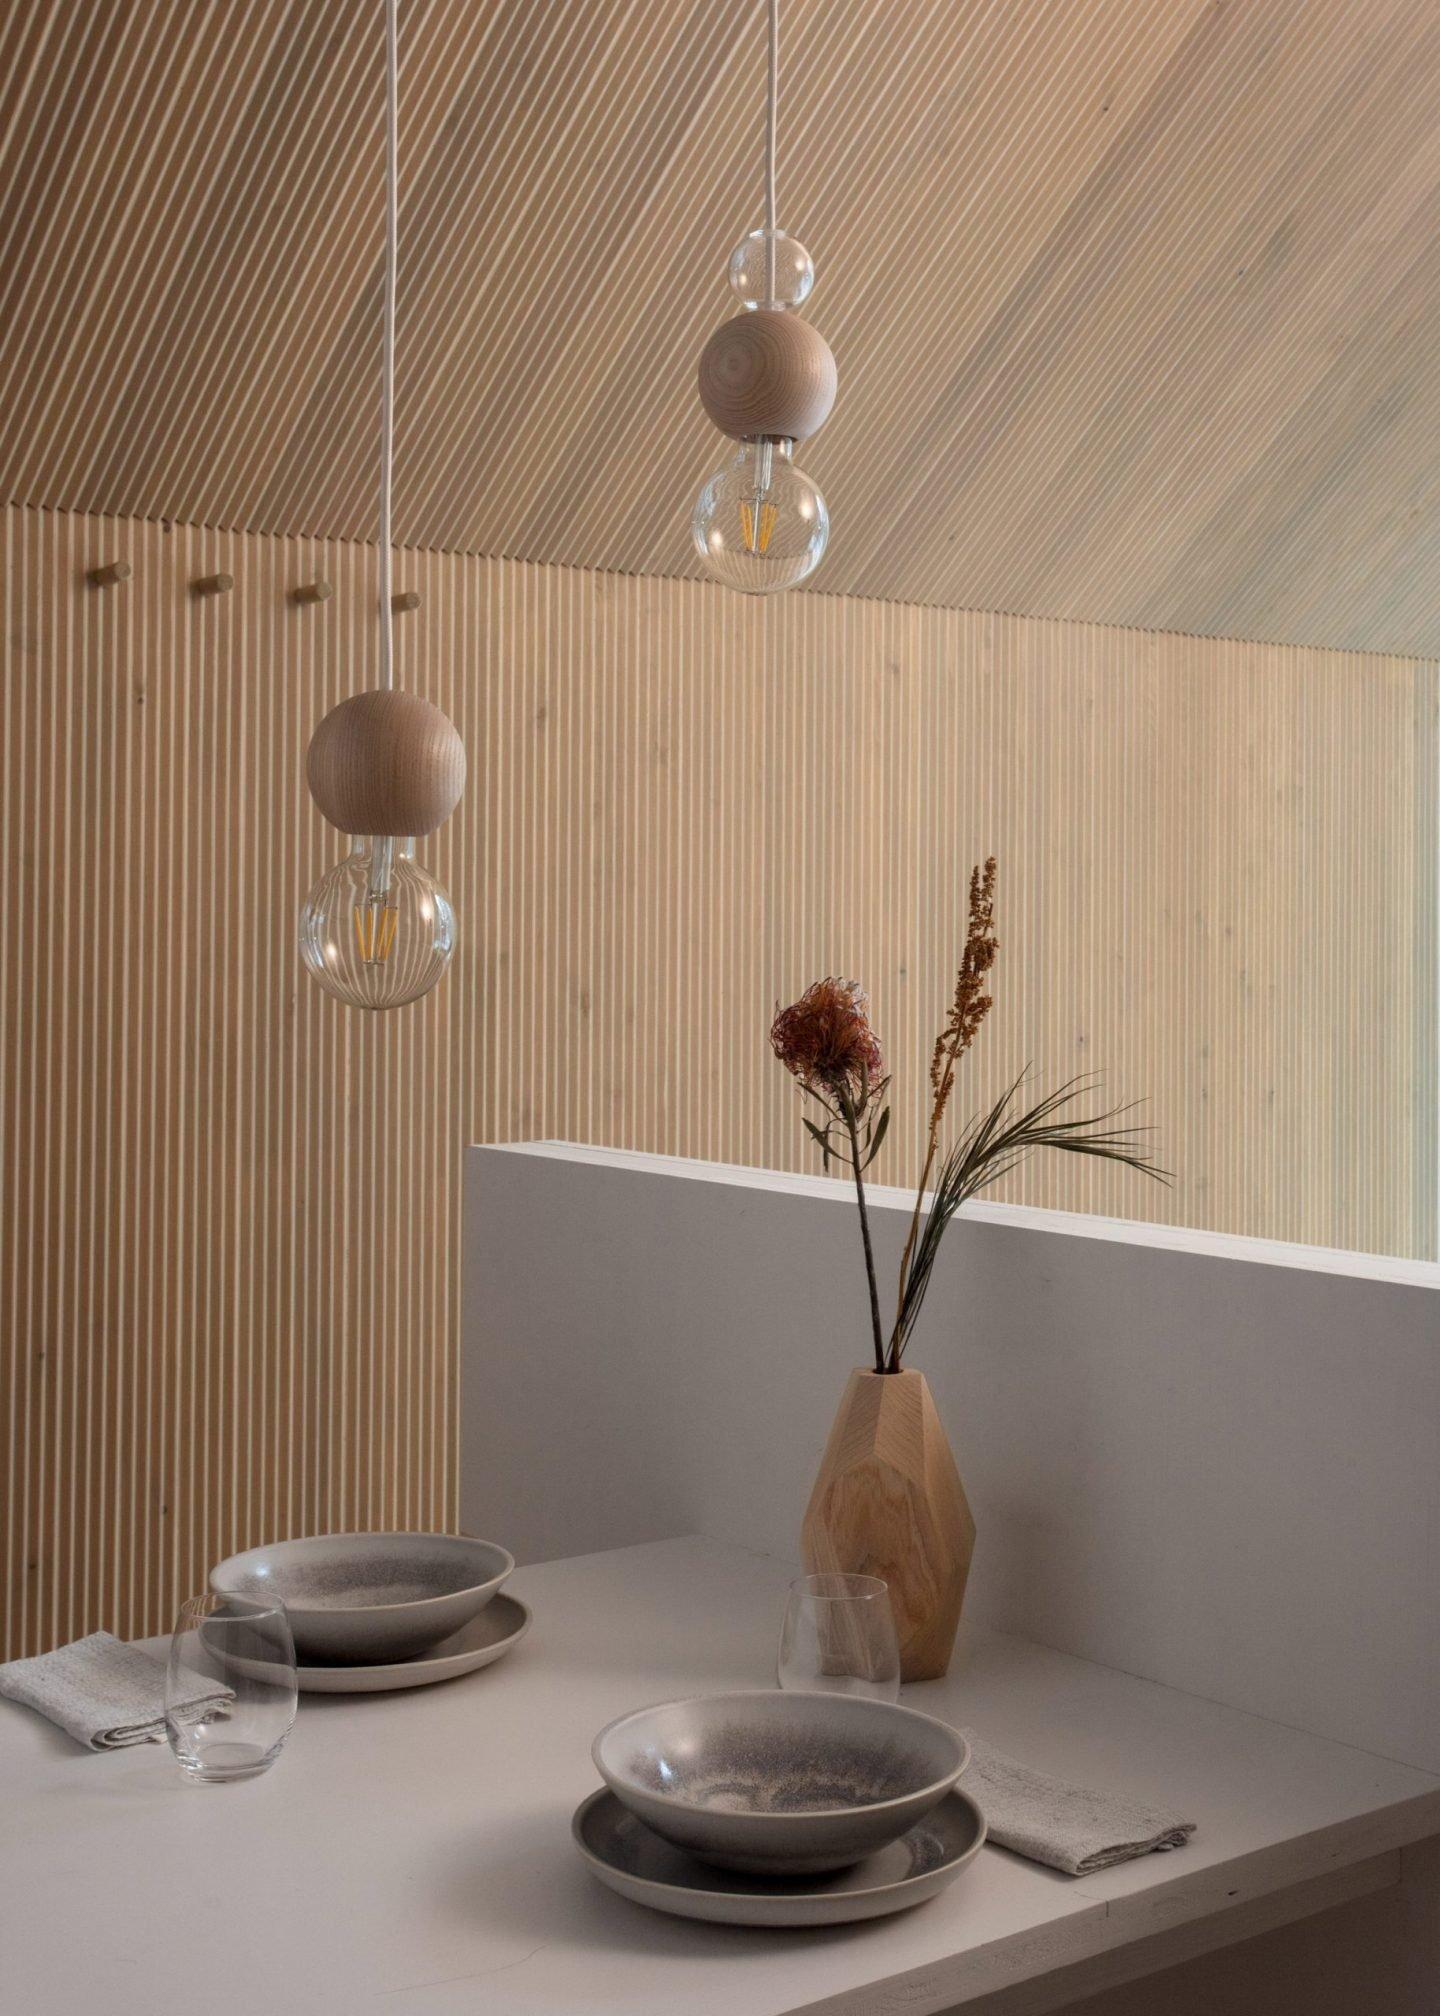 IGNANT-Architecture-Studio-Puisto-Niliaitta-02